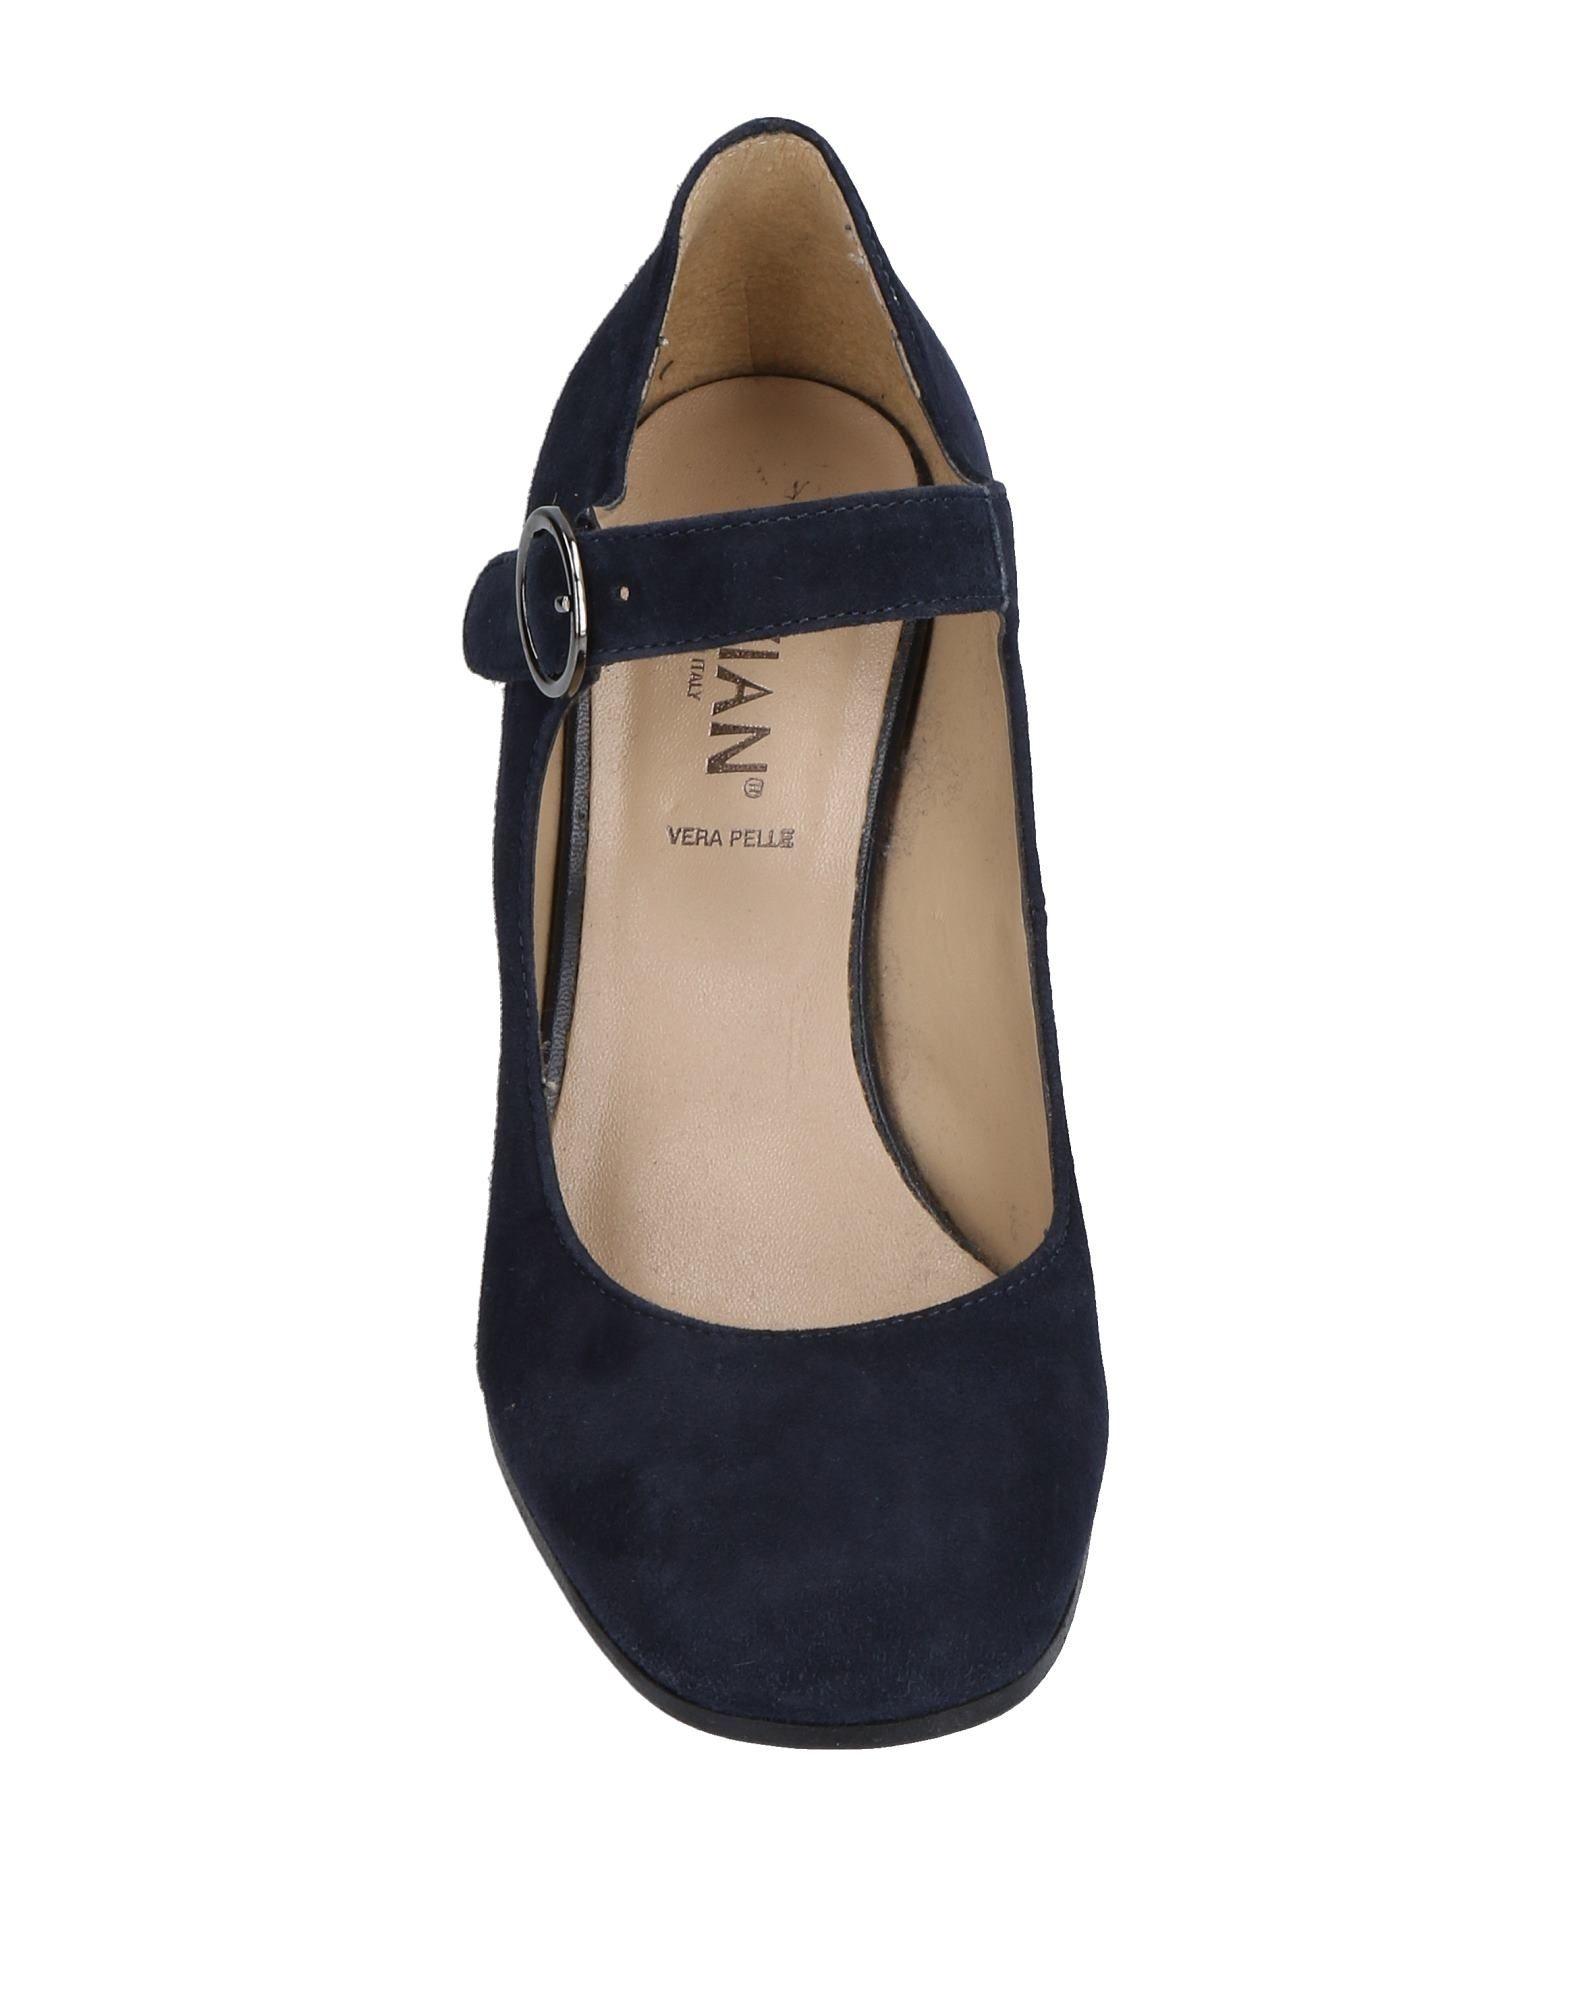 Vivian Gute Pumps Damen  11506903OW Gute Vivian Qualität beliebte Schuhe 22da15